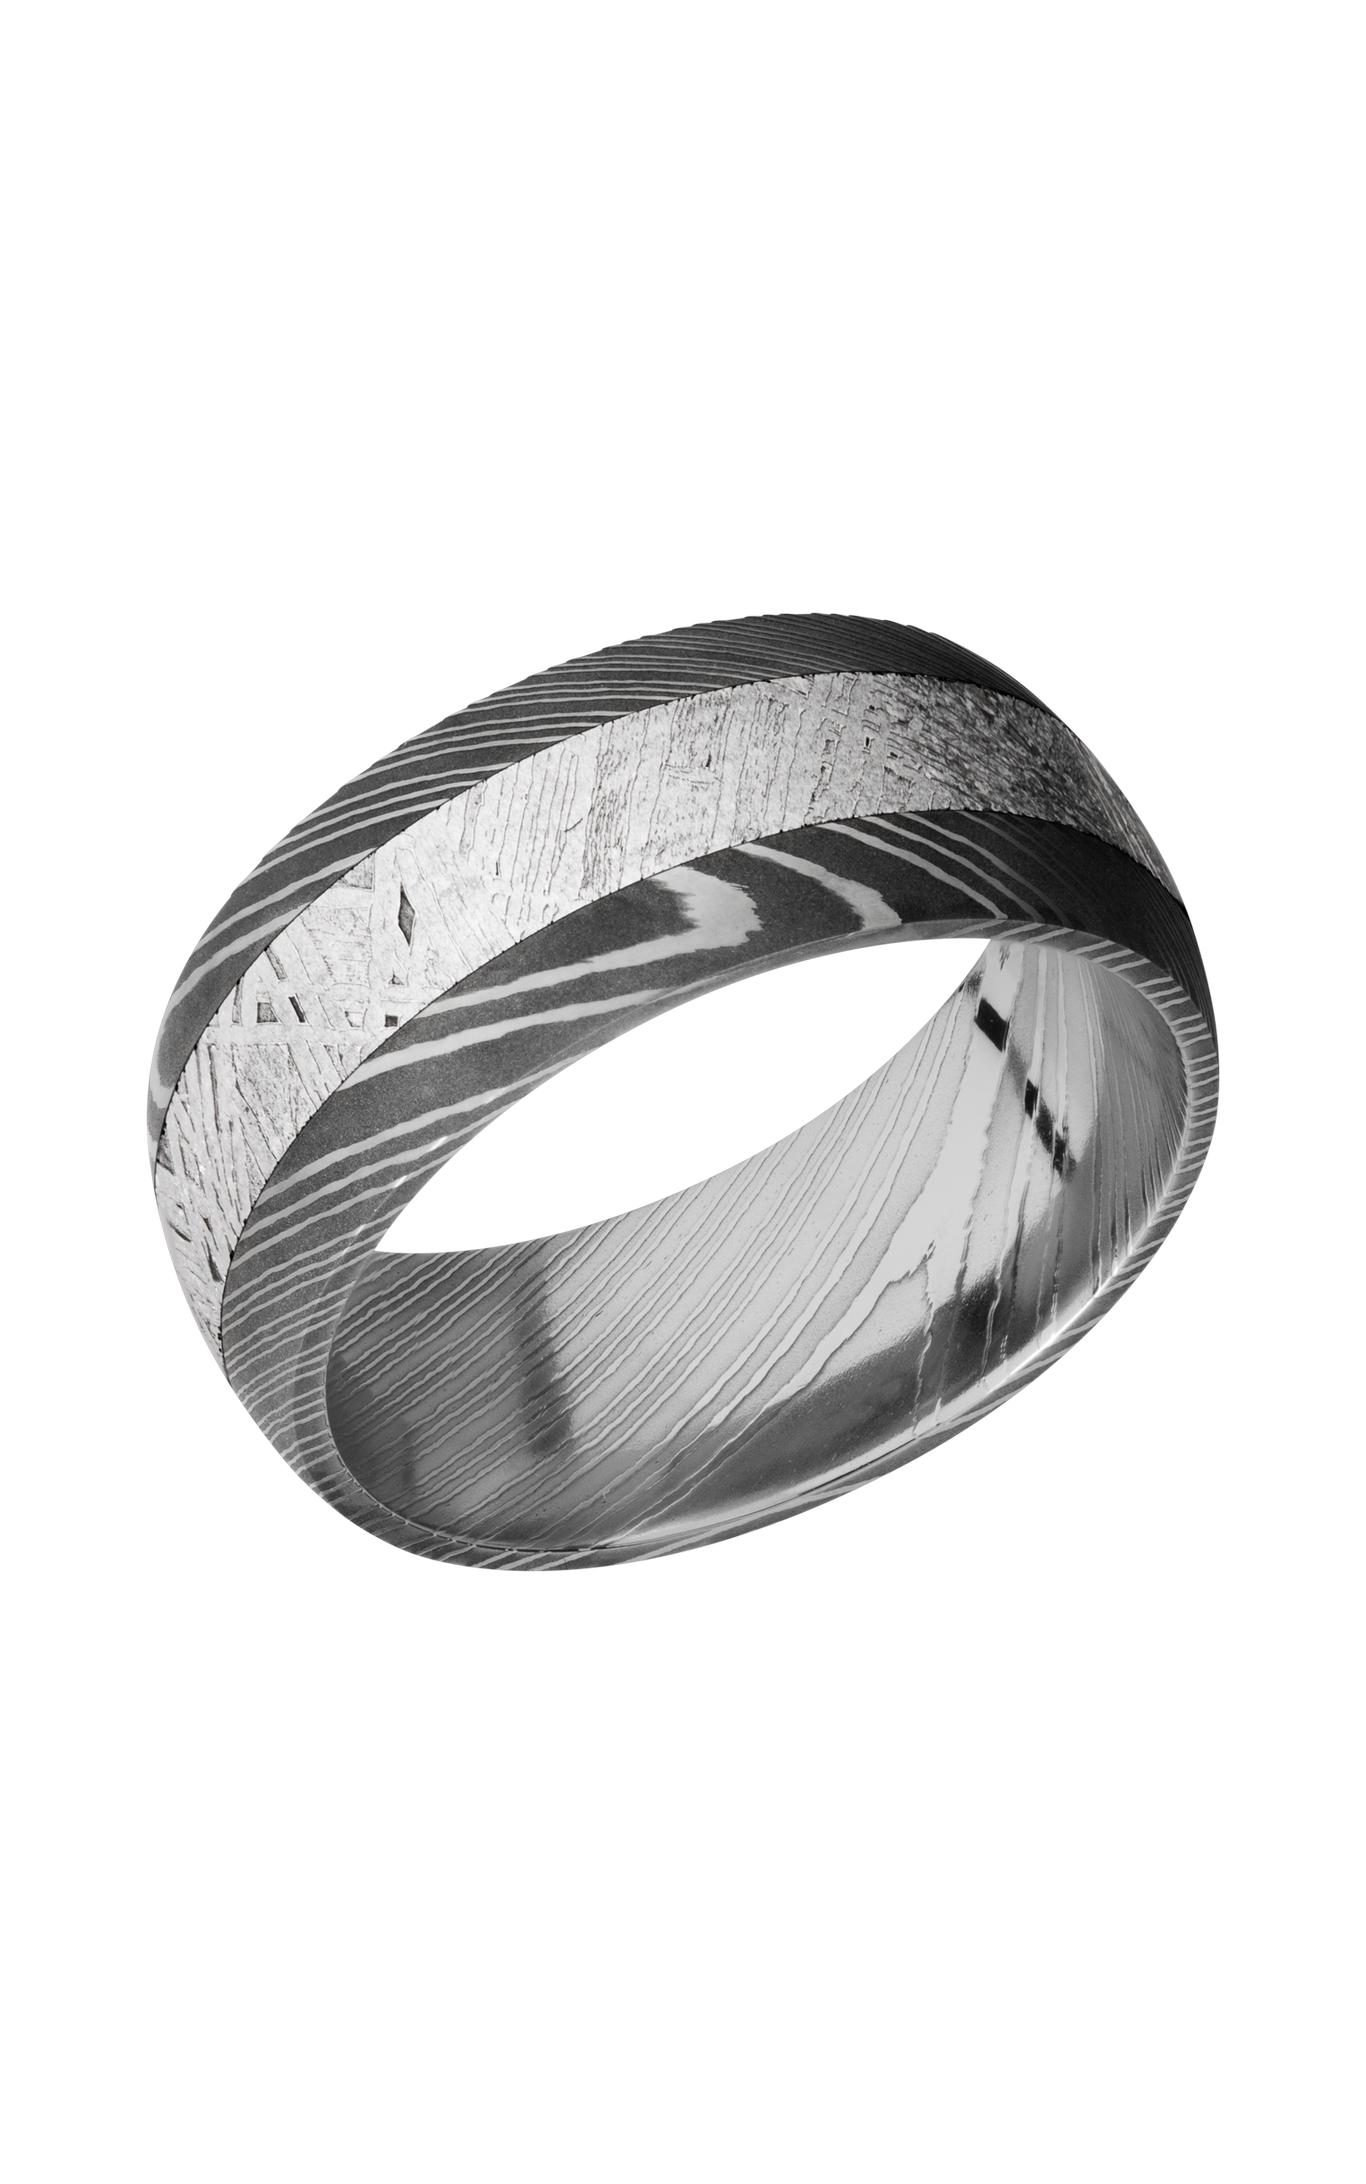 Lashbrook Meteorite D9D14_METEORITE product image